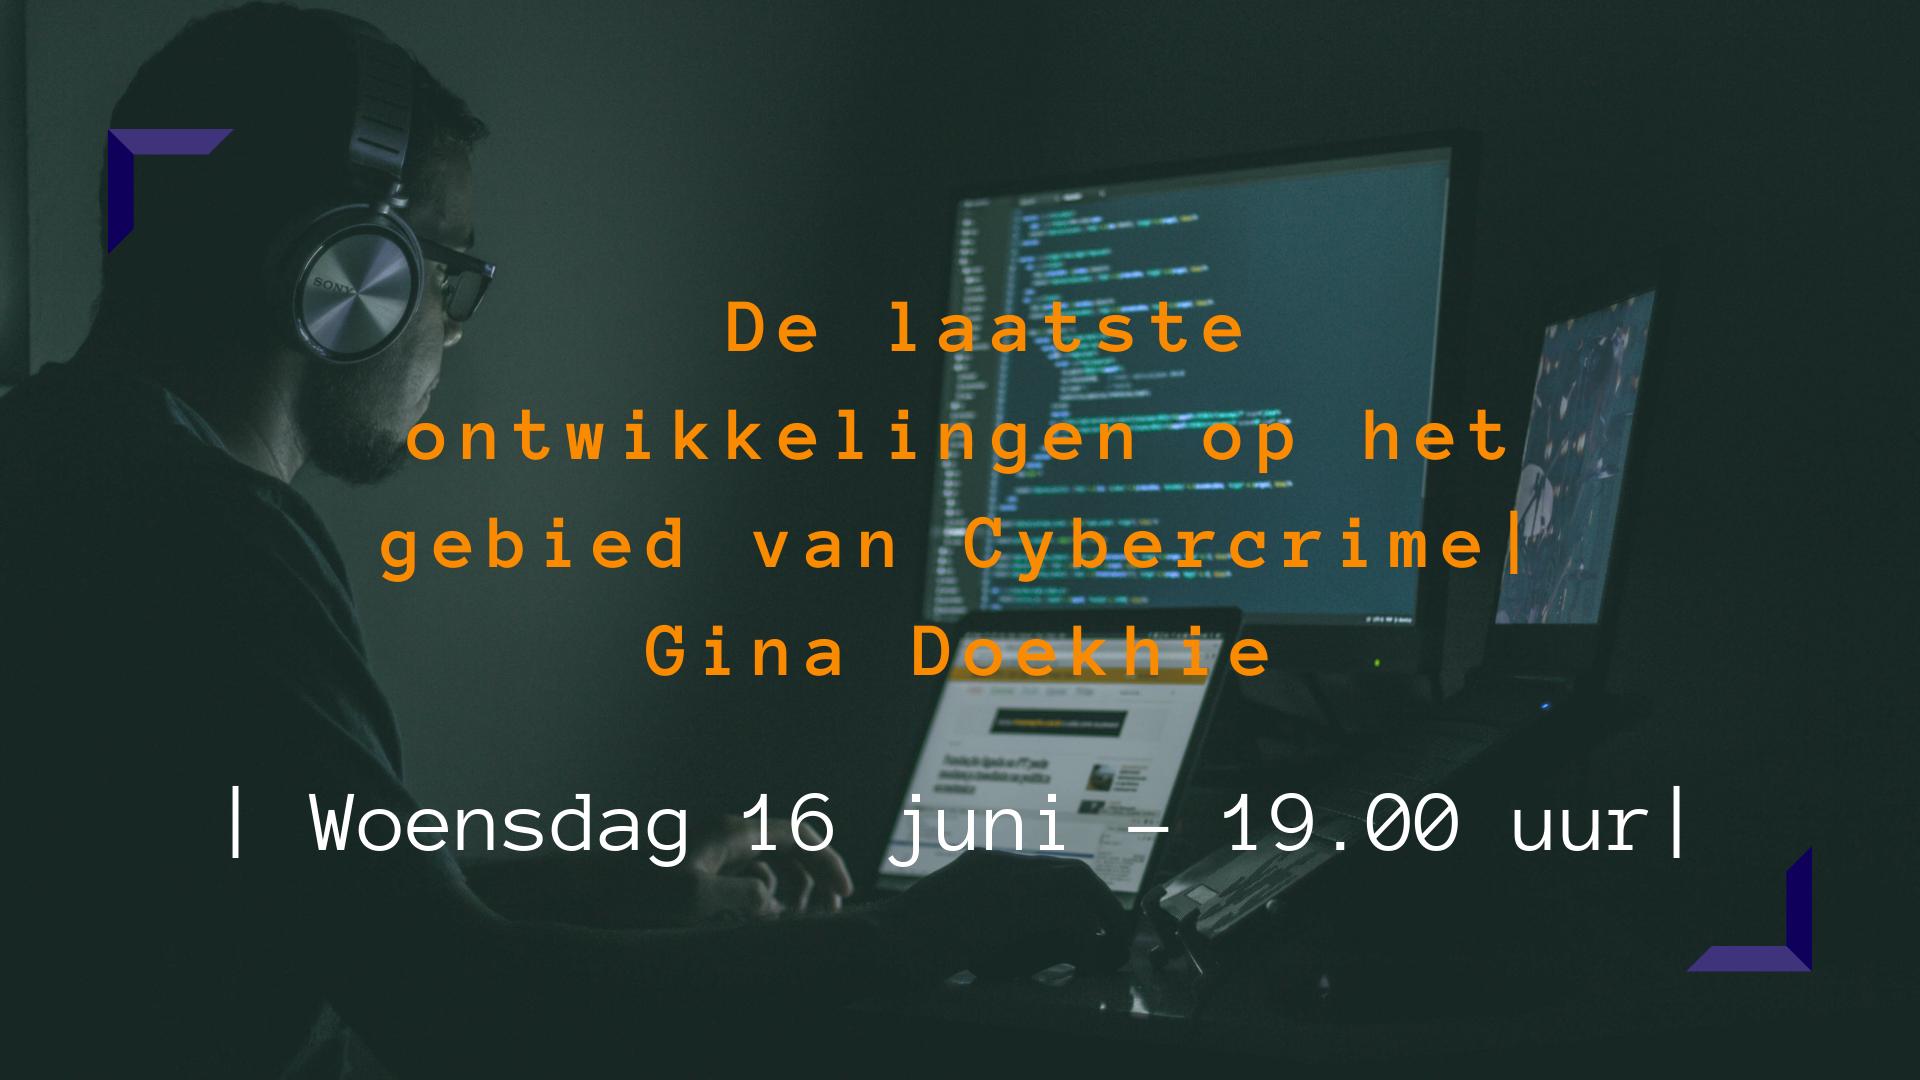 De laatste ontwikkelingen op het gebied van Cybercrime